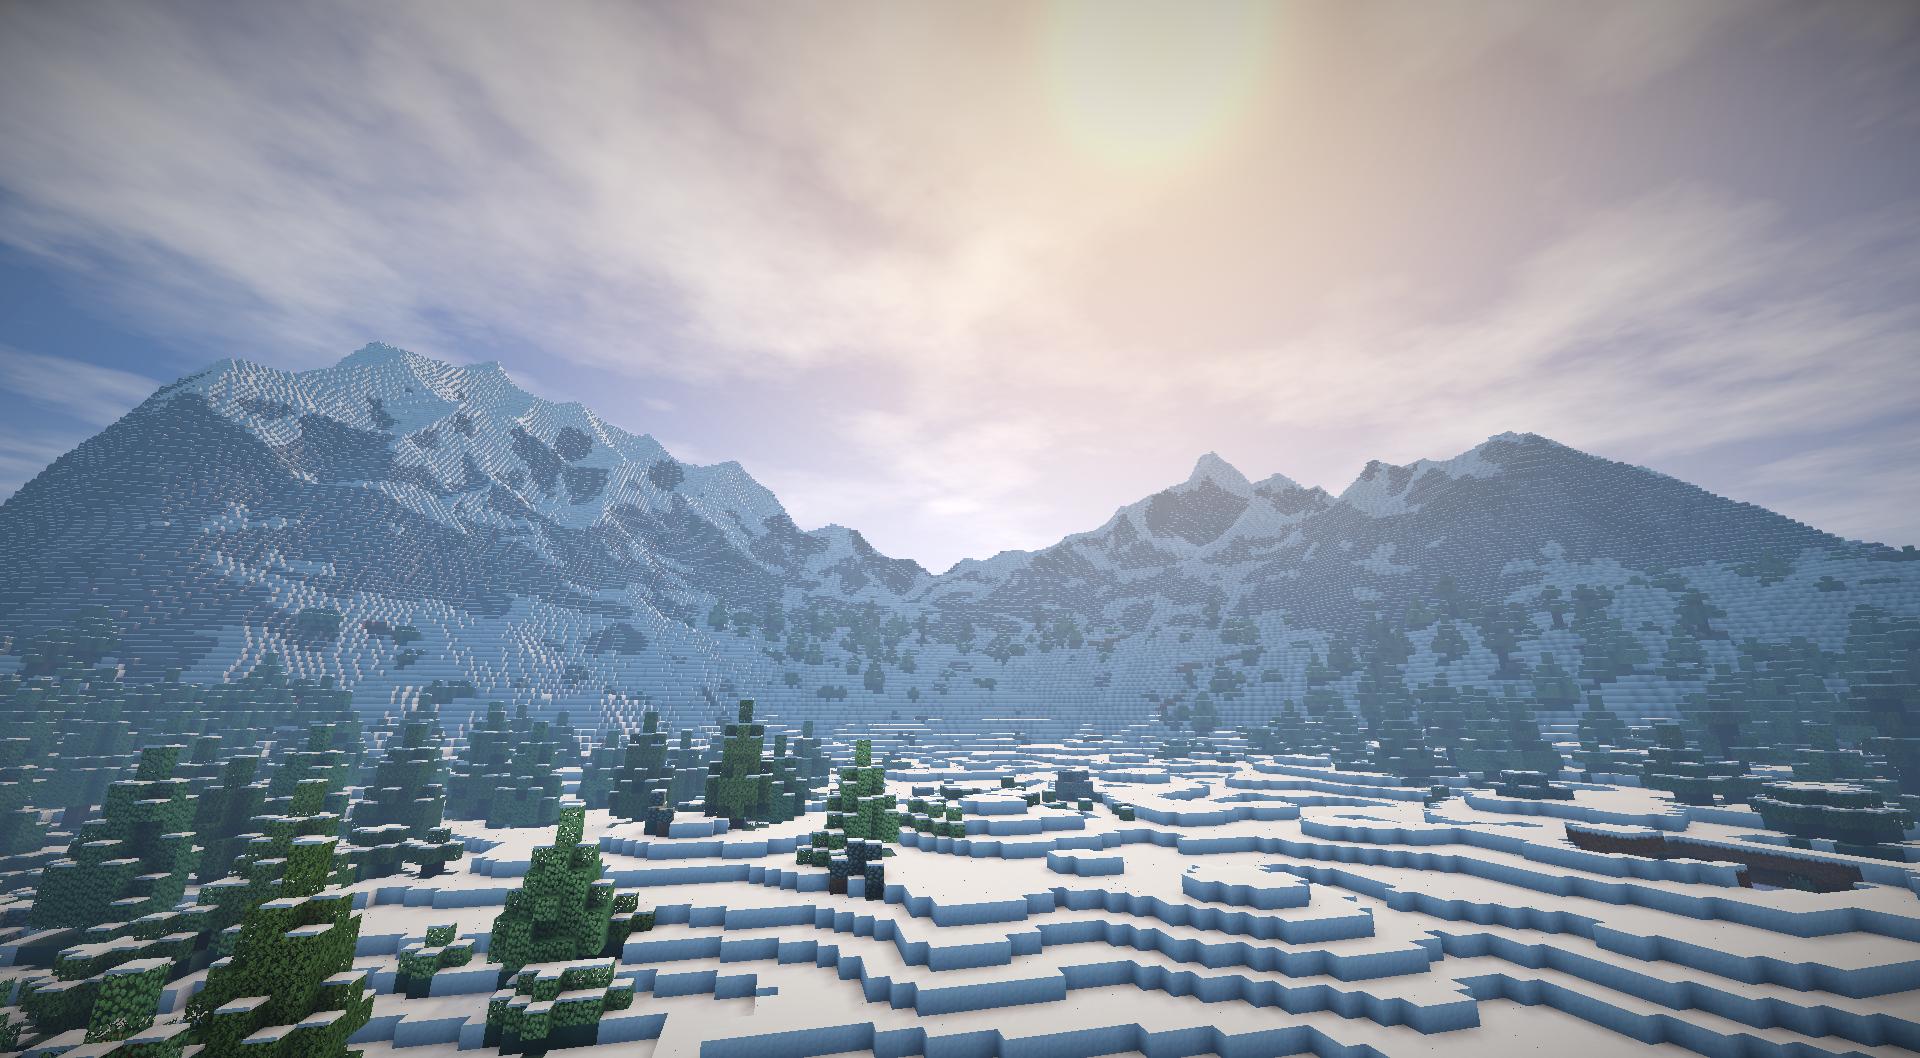 ... -montagne-neige [ Fond d'écran Minecraft Gratuit de paysage